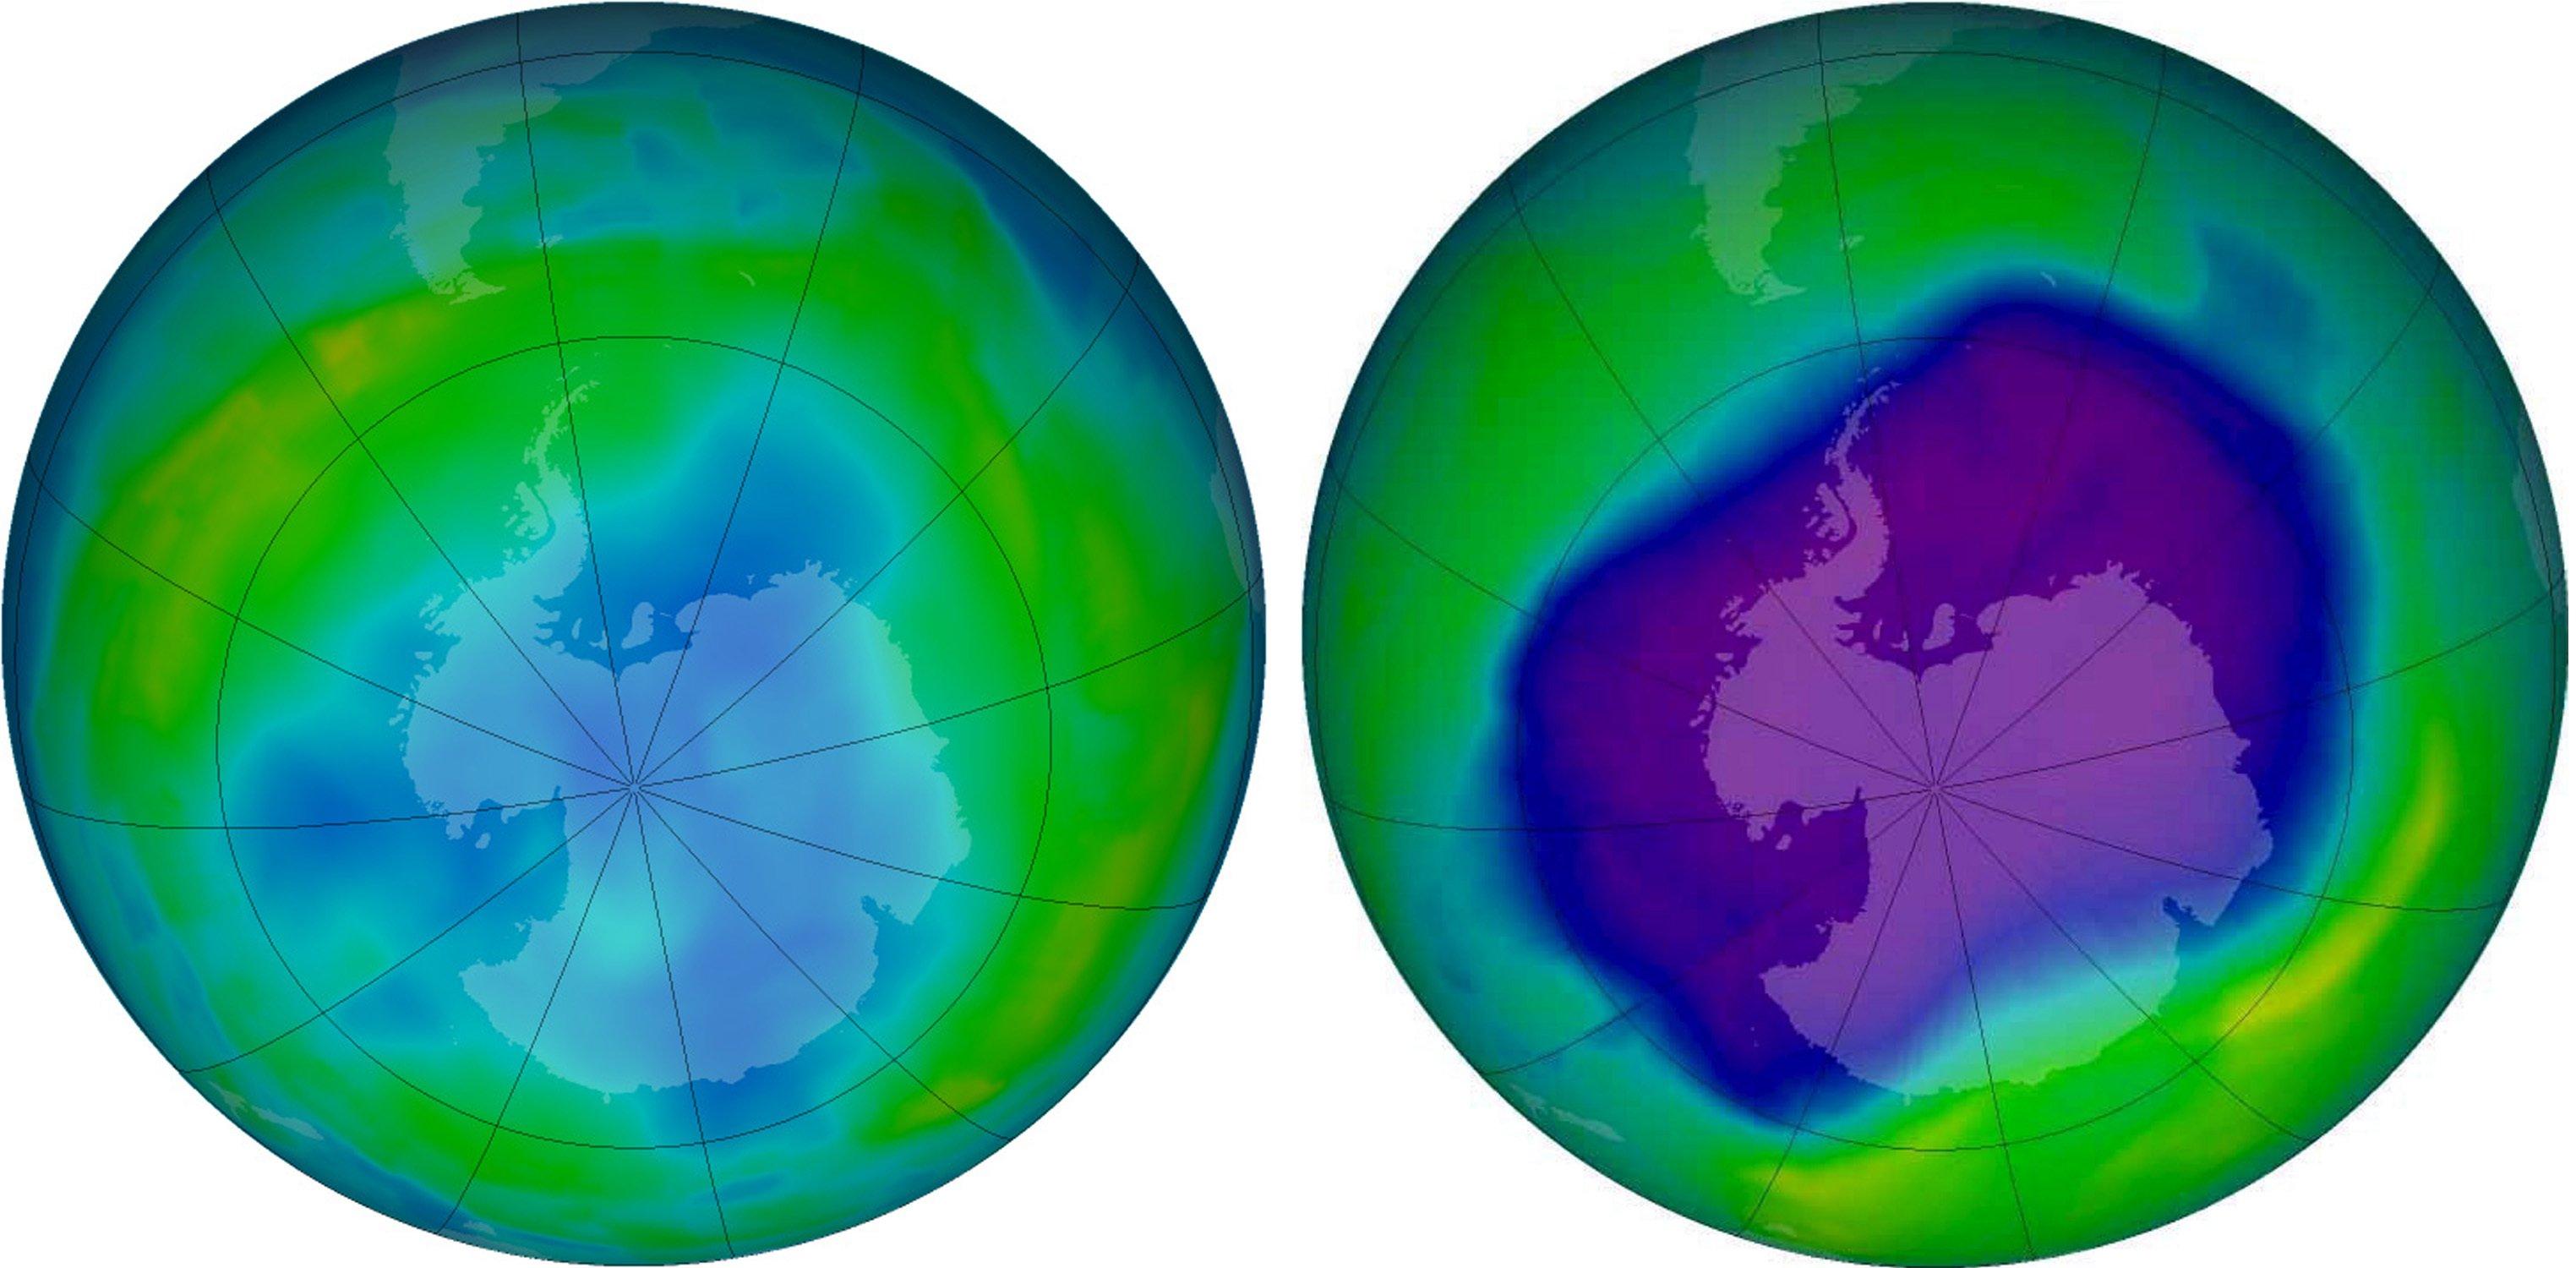 Das Ozonloch über der Antarktis am 24. September 2006 (re.) und am 9. Juni 2013 auf einerComputergrafik. Die blauen und violetten Farben zeigen an, dass die Ozonschicht dünn ist, die gelben, grünen und roten weisen auf mehr Ozon hin.